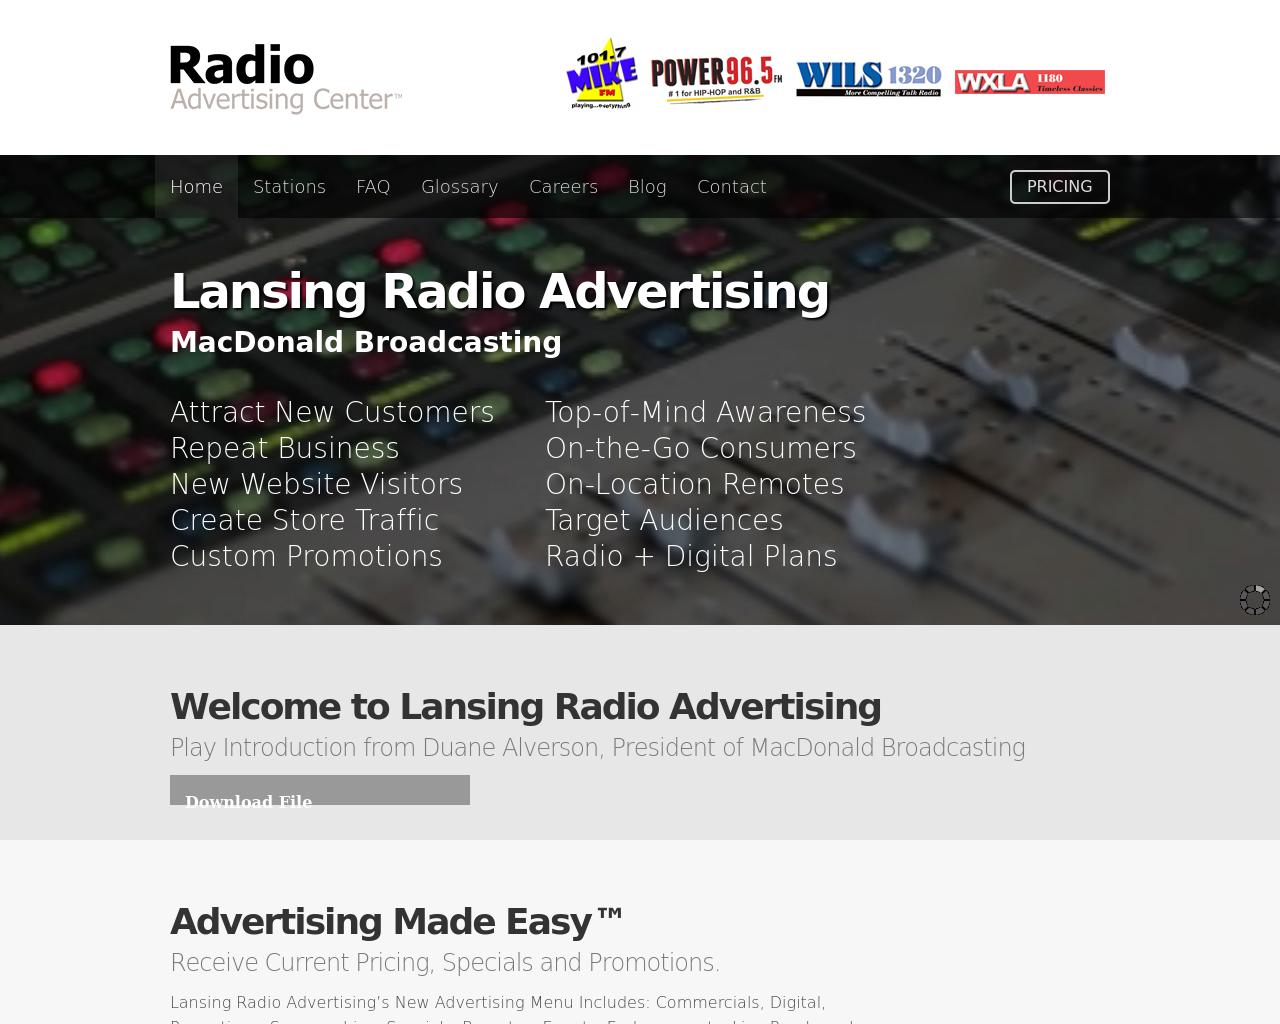 Lansing-Radio-Advertising-Advertising-Reviews-Pricing